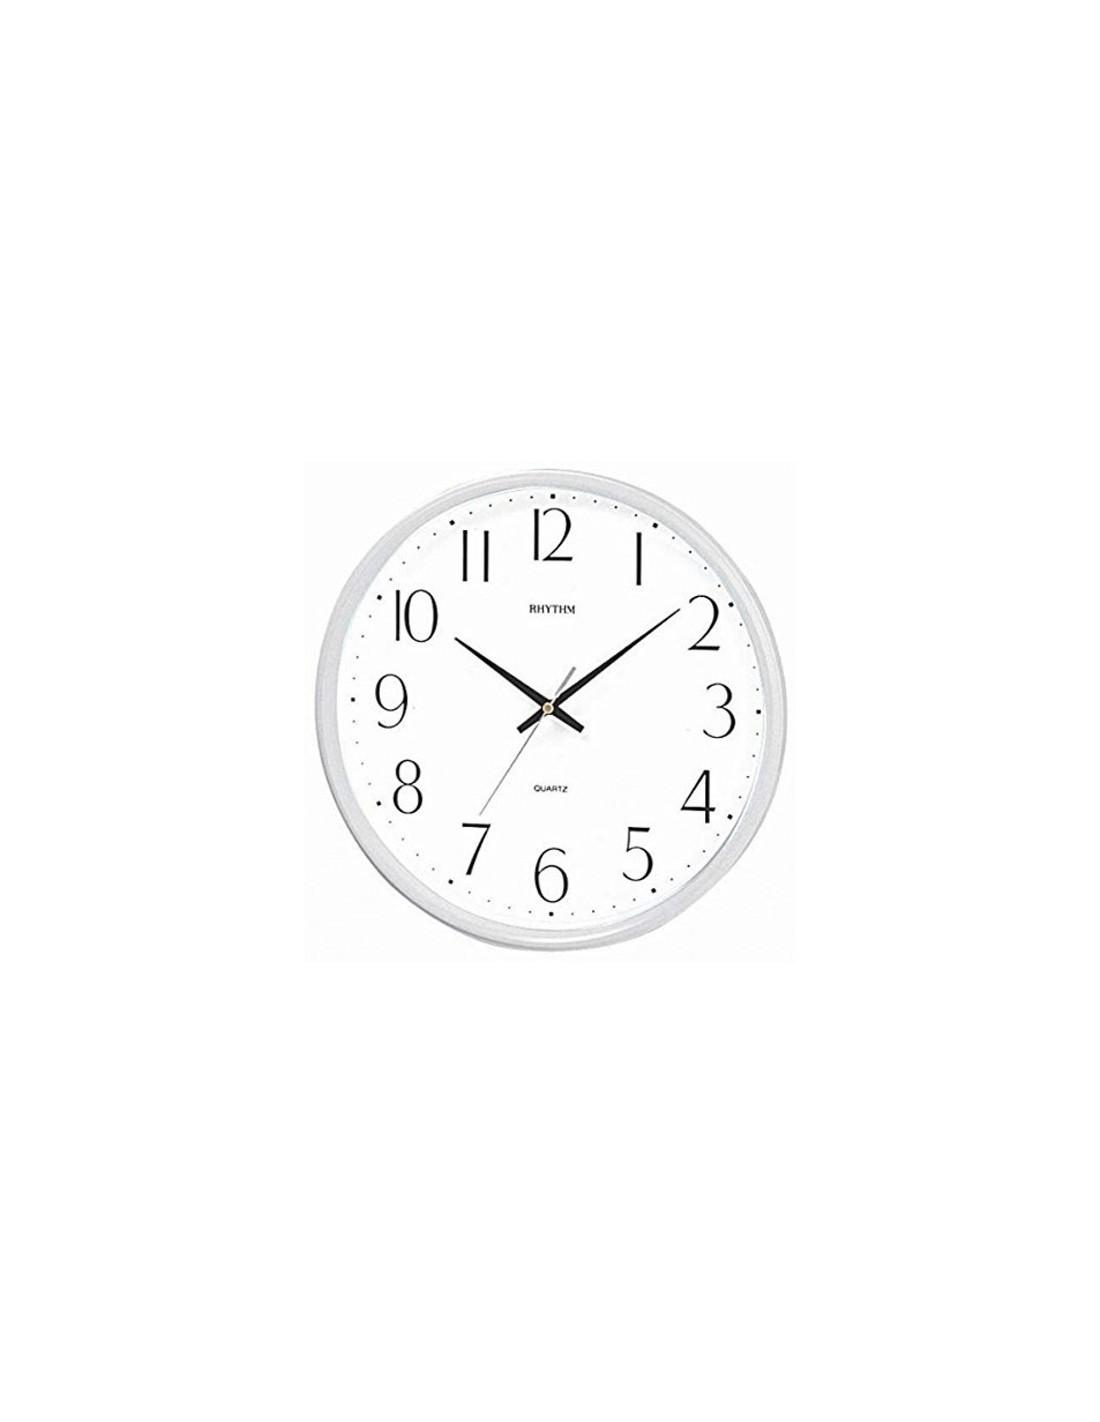 Модели часов радо 2005 diastar